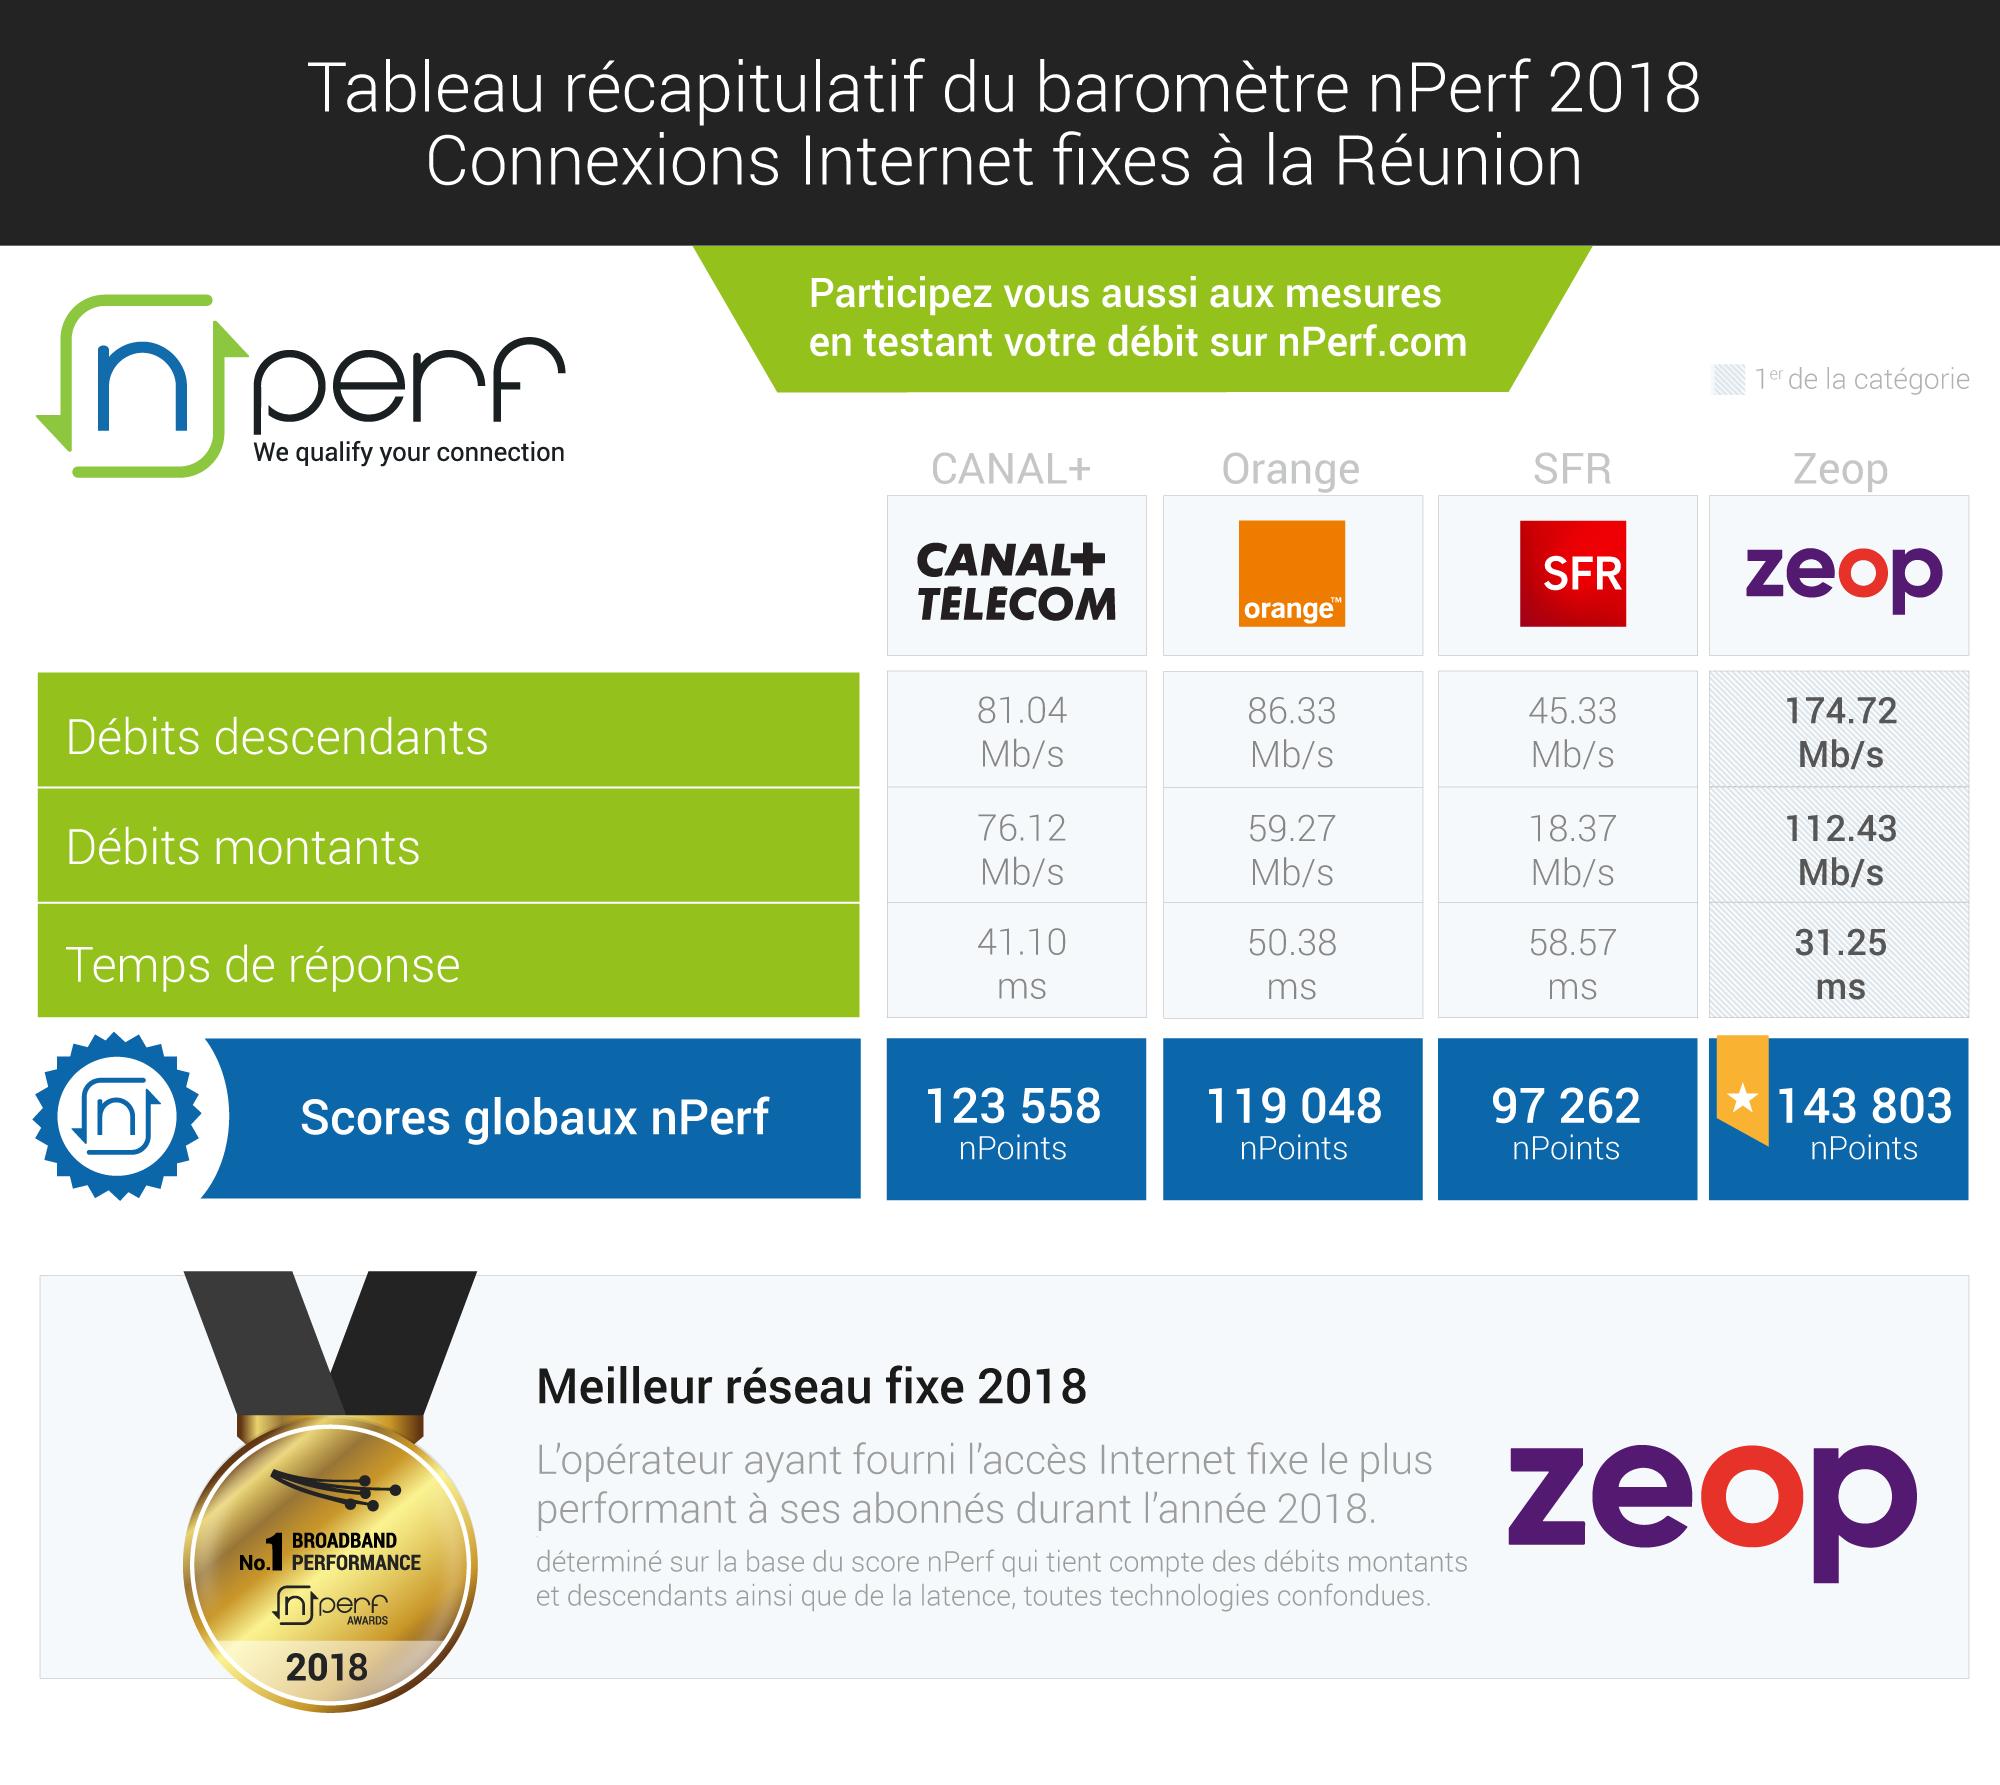 Zeop fourni la meilleure performance en Internet fixe à la Réunion